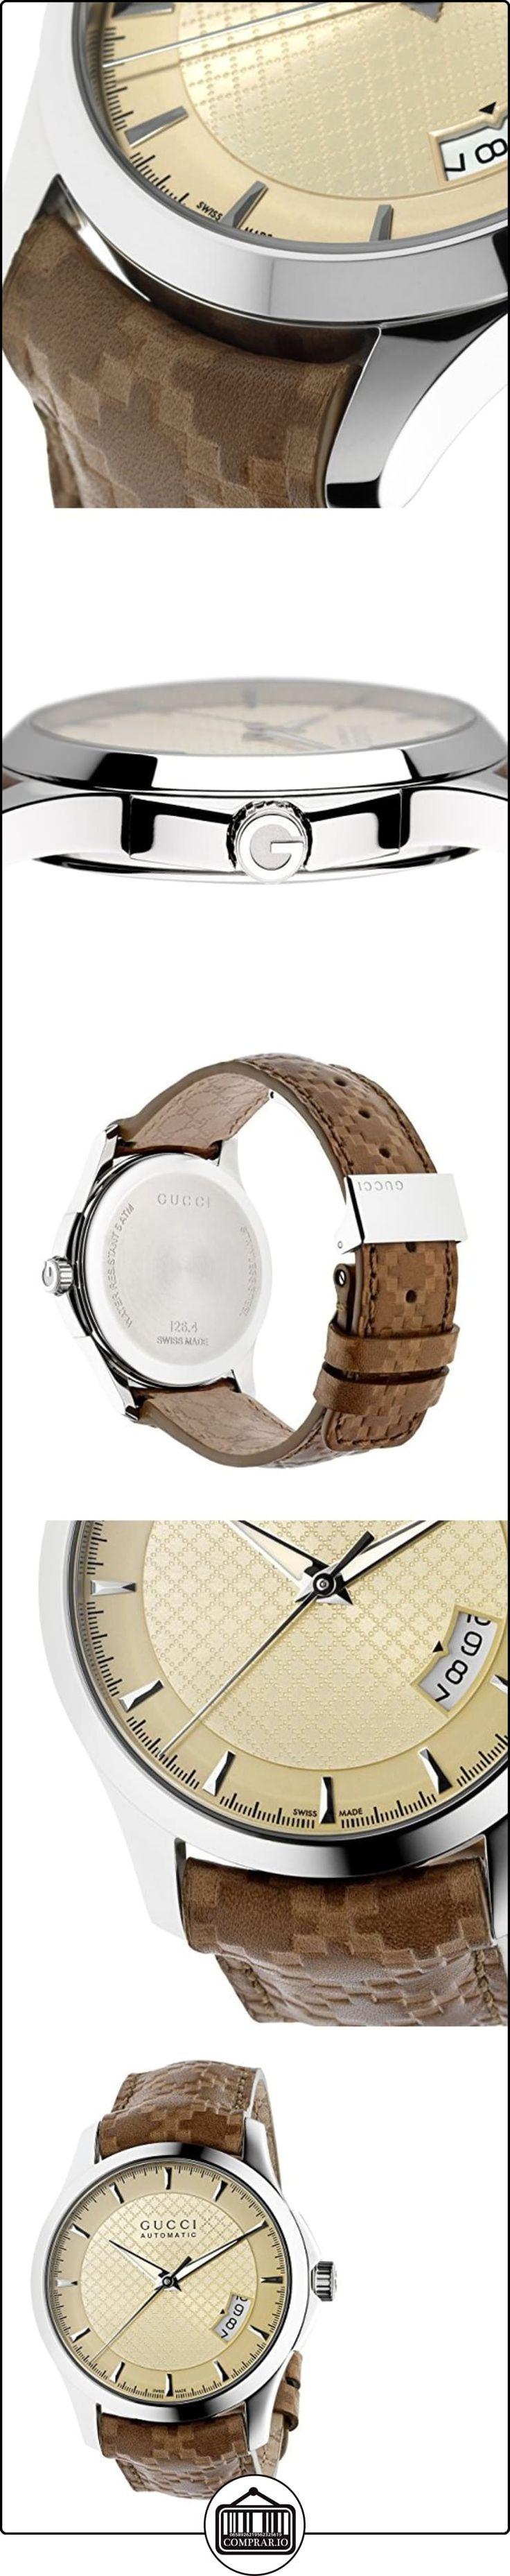 Gucci  G TIMELESS - Reloj de automático para hombre, con correa de cuero, color marrón  ✿ Relojes para hombre - (Lujo) ✿